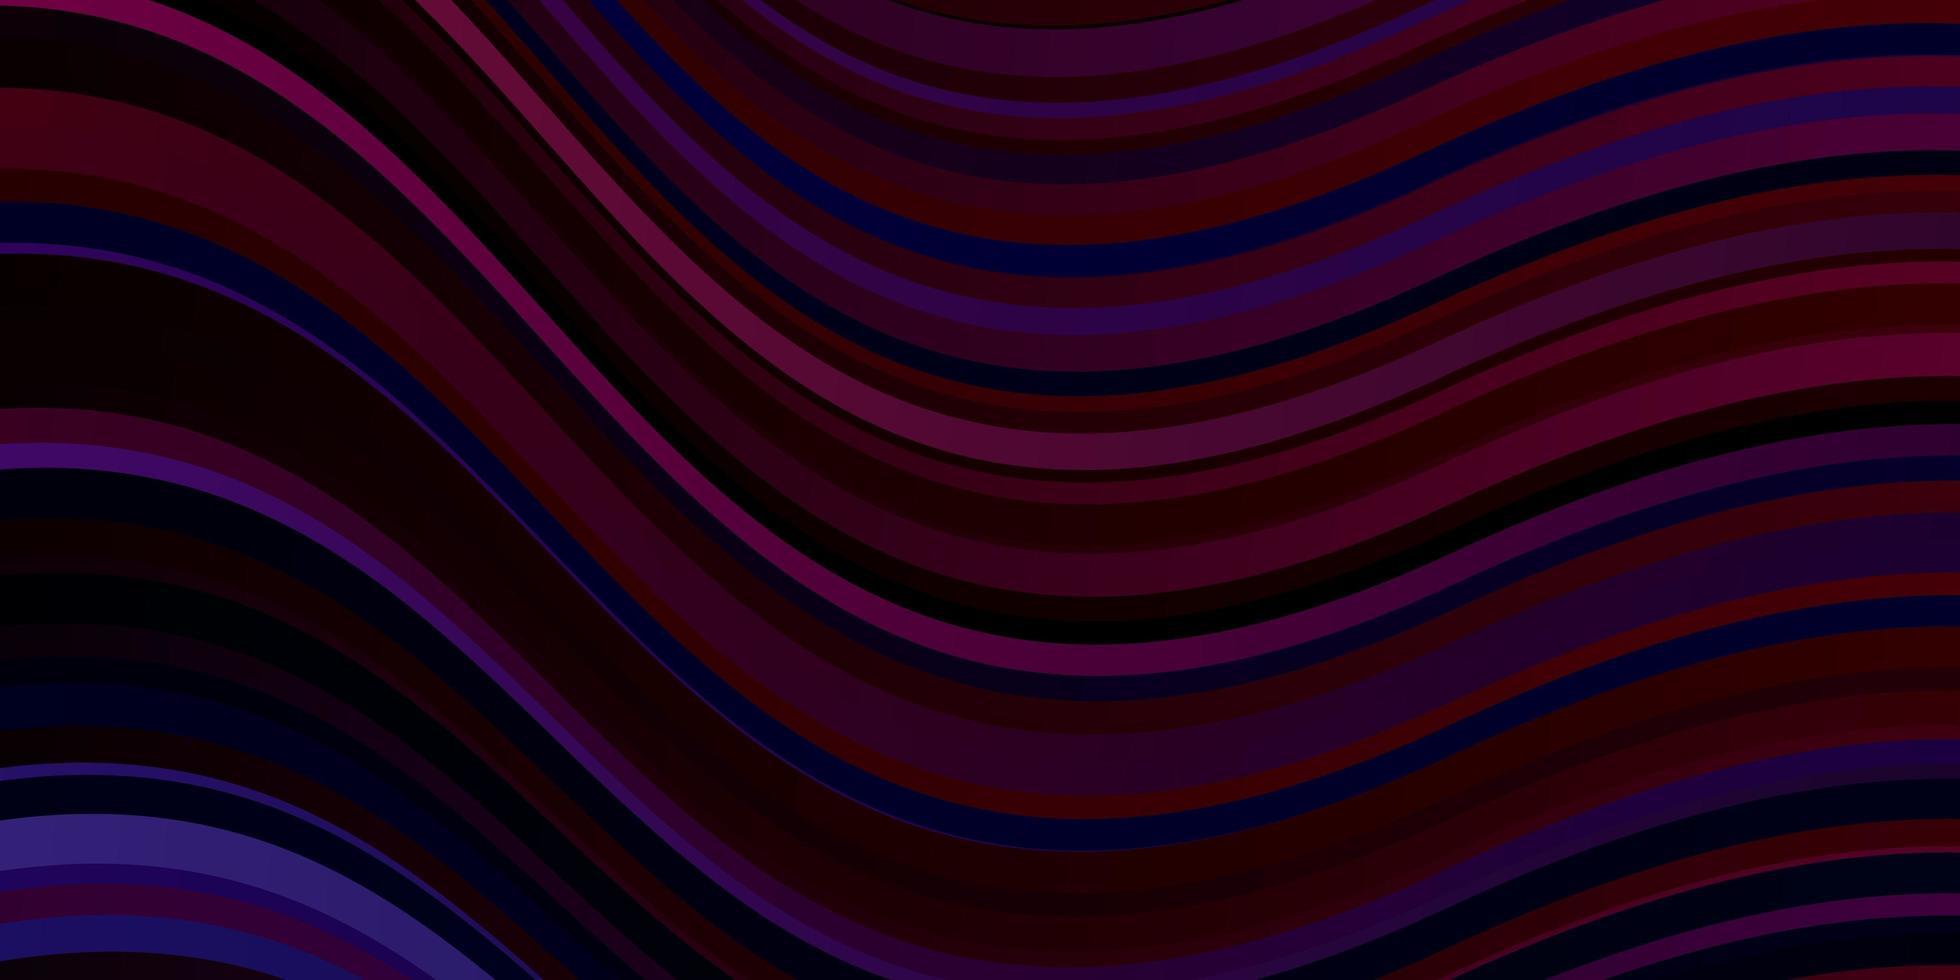 modèle vectoriel bleu foncé, rouge avec des lignes courbes.